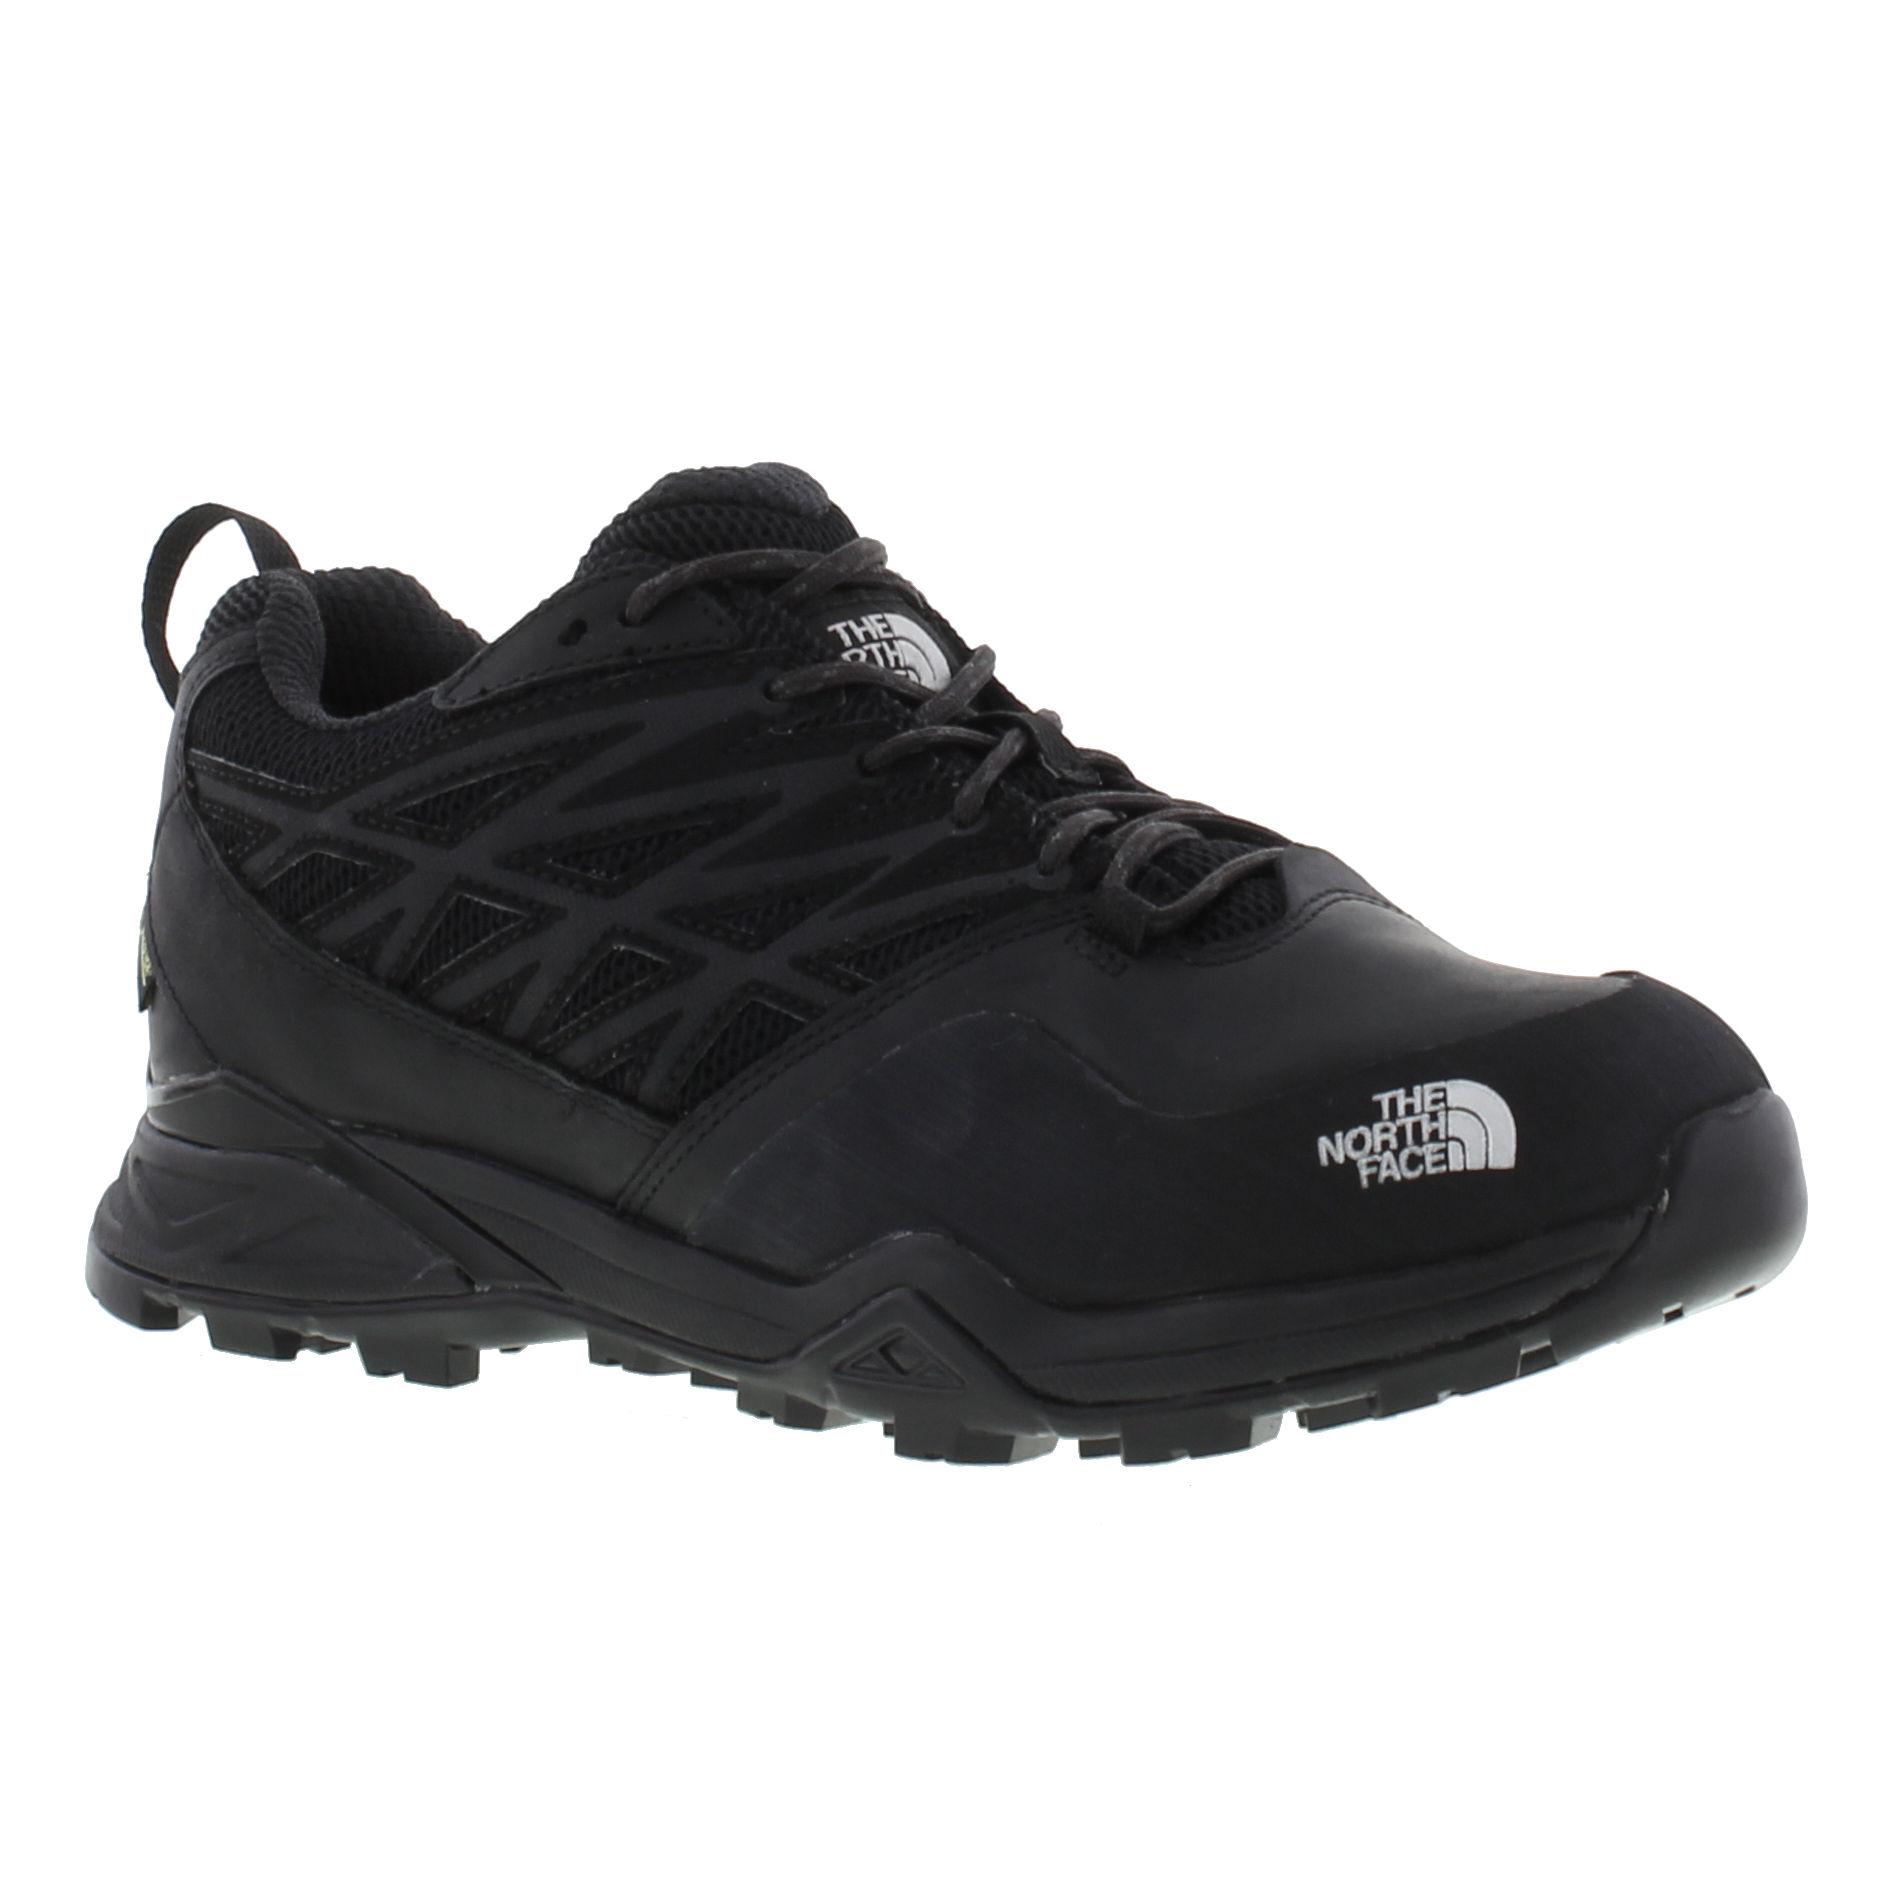 Northface Gtx Walking Shoe